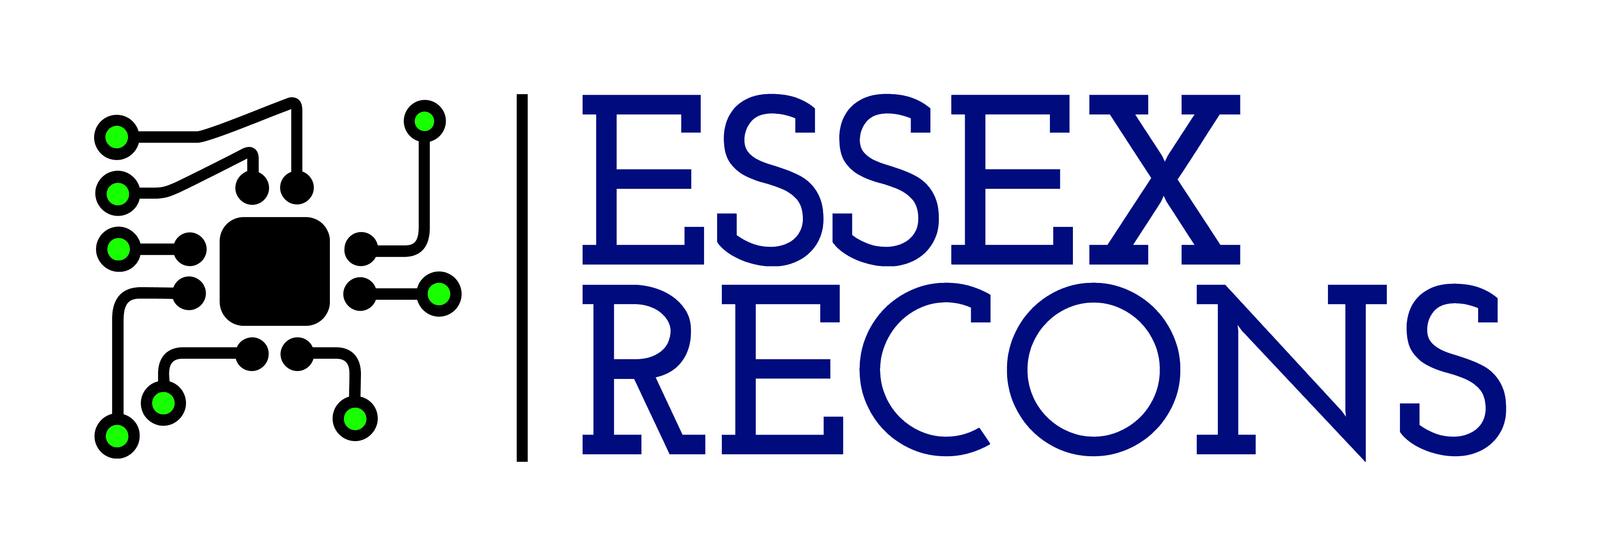 Essex Recons